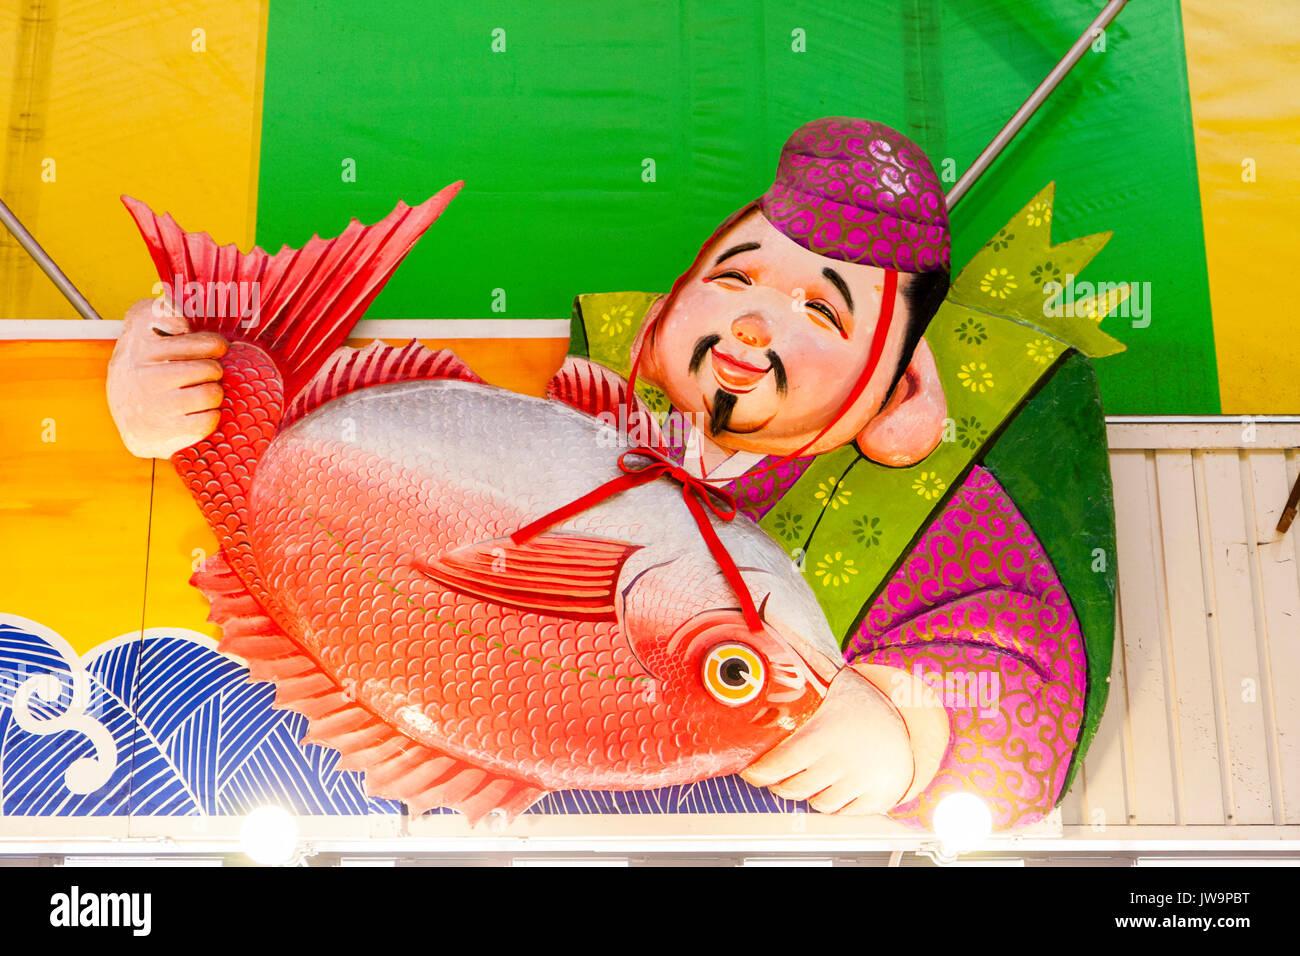 Japan, Kanazawa. Omi-cho fresh food indoor market. Fresh fish stall.Sign above store, Ebisu, Japanese God of Fishermen, holding large orange fish. - Stock Image